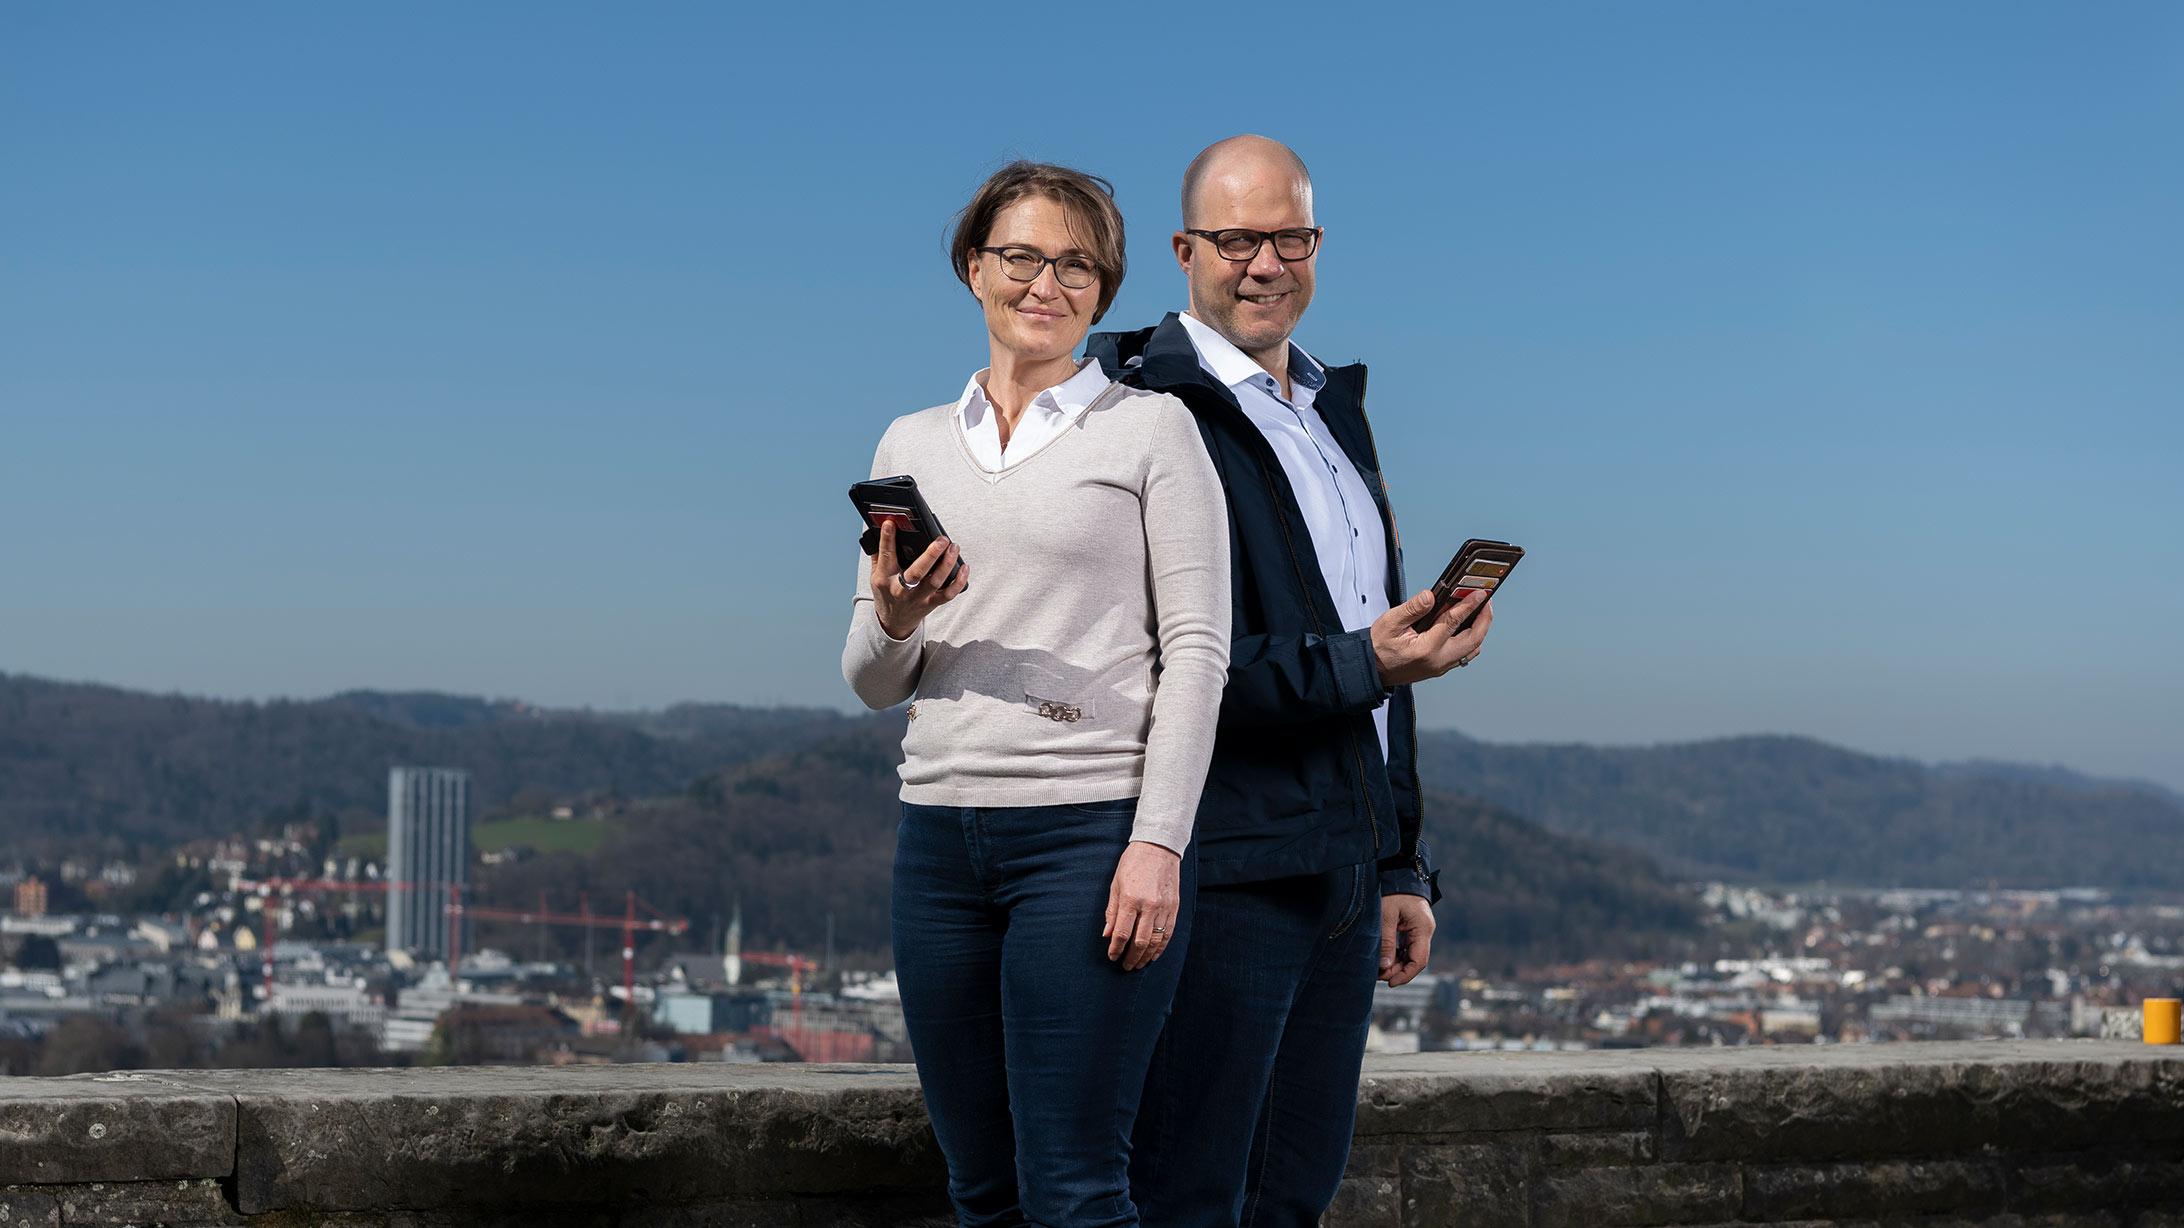 Das Foto zeigt die beiden Entwickler der App für Patientendaten, Infos, und Termine «heyPatient», Regula und Matthias Spühler. Beide halten ein Smartphone in der Hand.